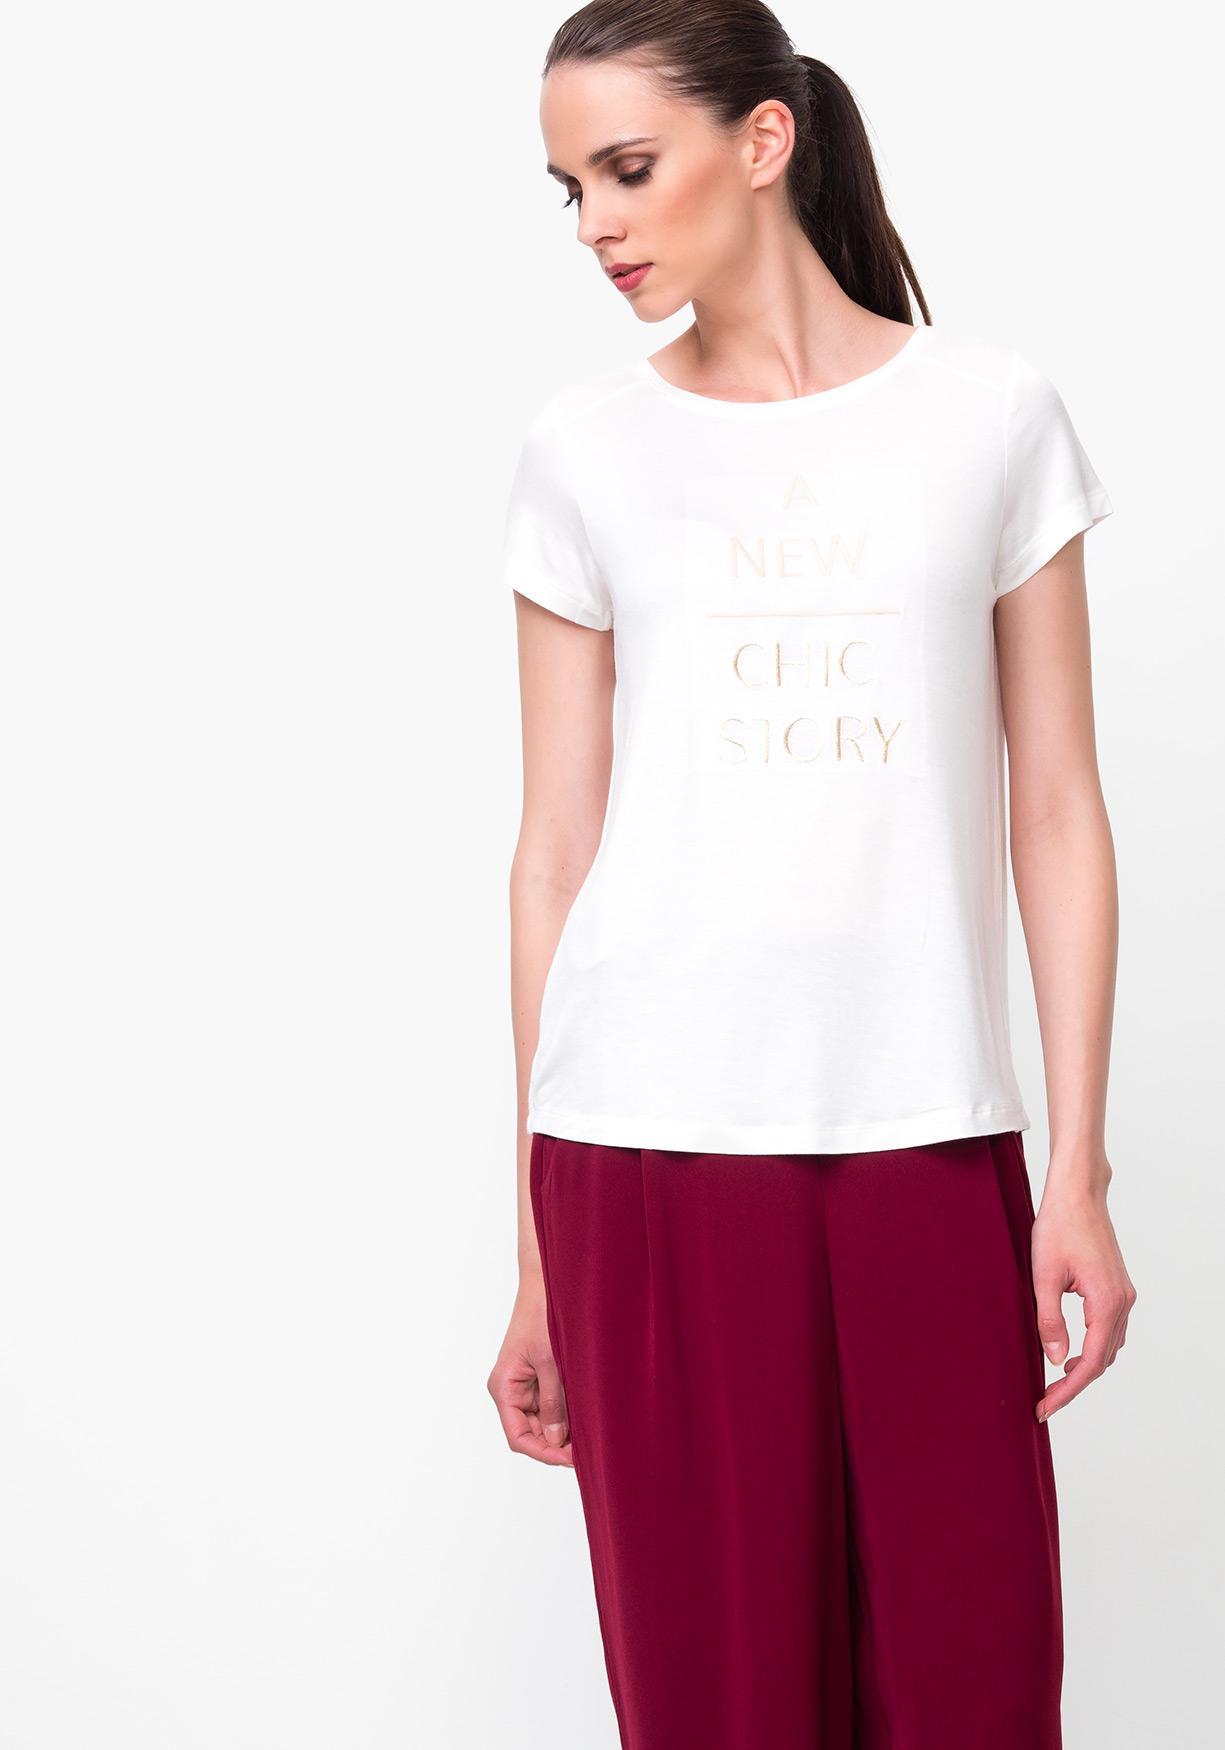 Comprar Camiseta de mujer con texto bordado TEX. ¡Aprovéchate de ... 56b29c4c5ce1